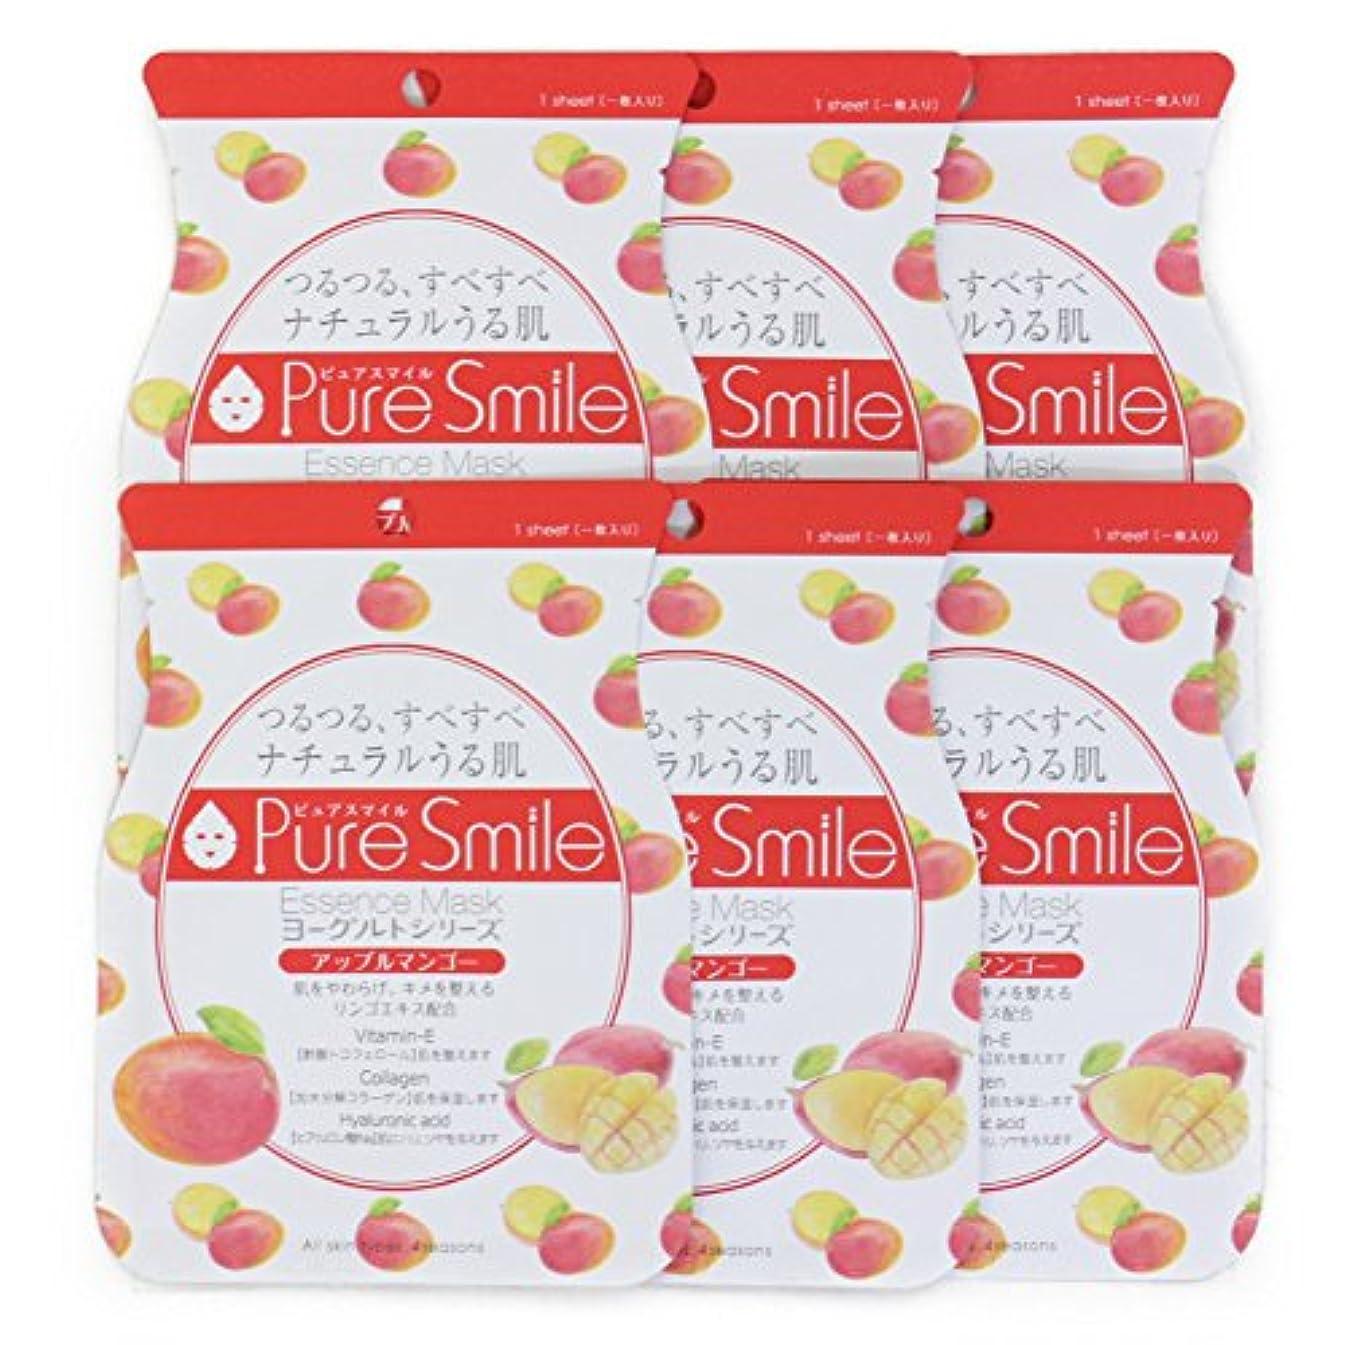 感動する頭蓋骨感心するPure Smile ピュアスマイル ヨーグルトエッセンスマスク アップルマンゴー 6枚セット